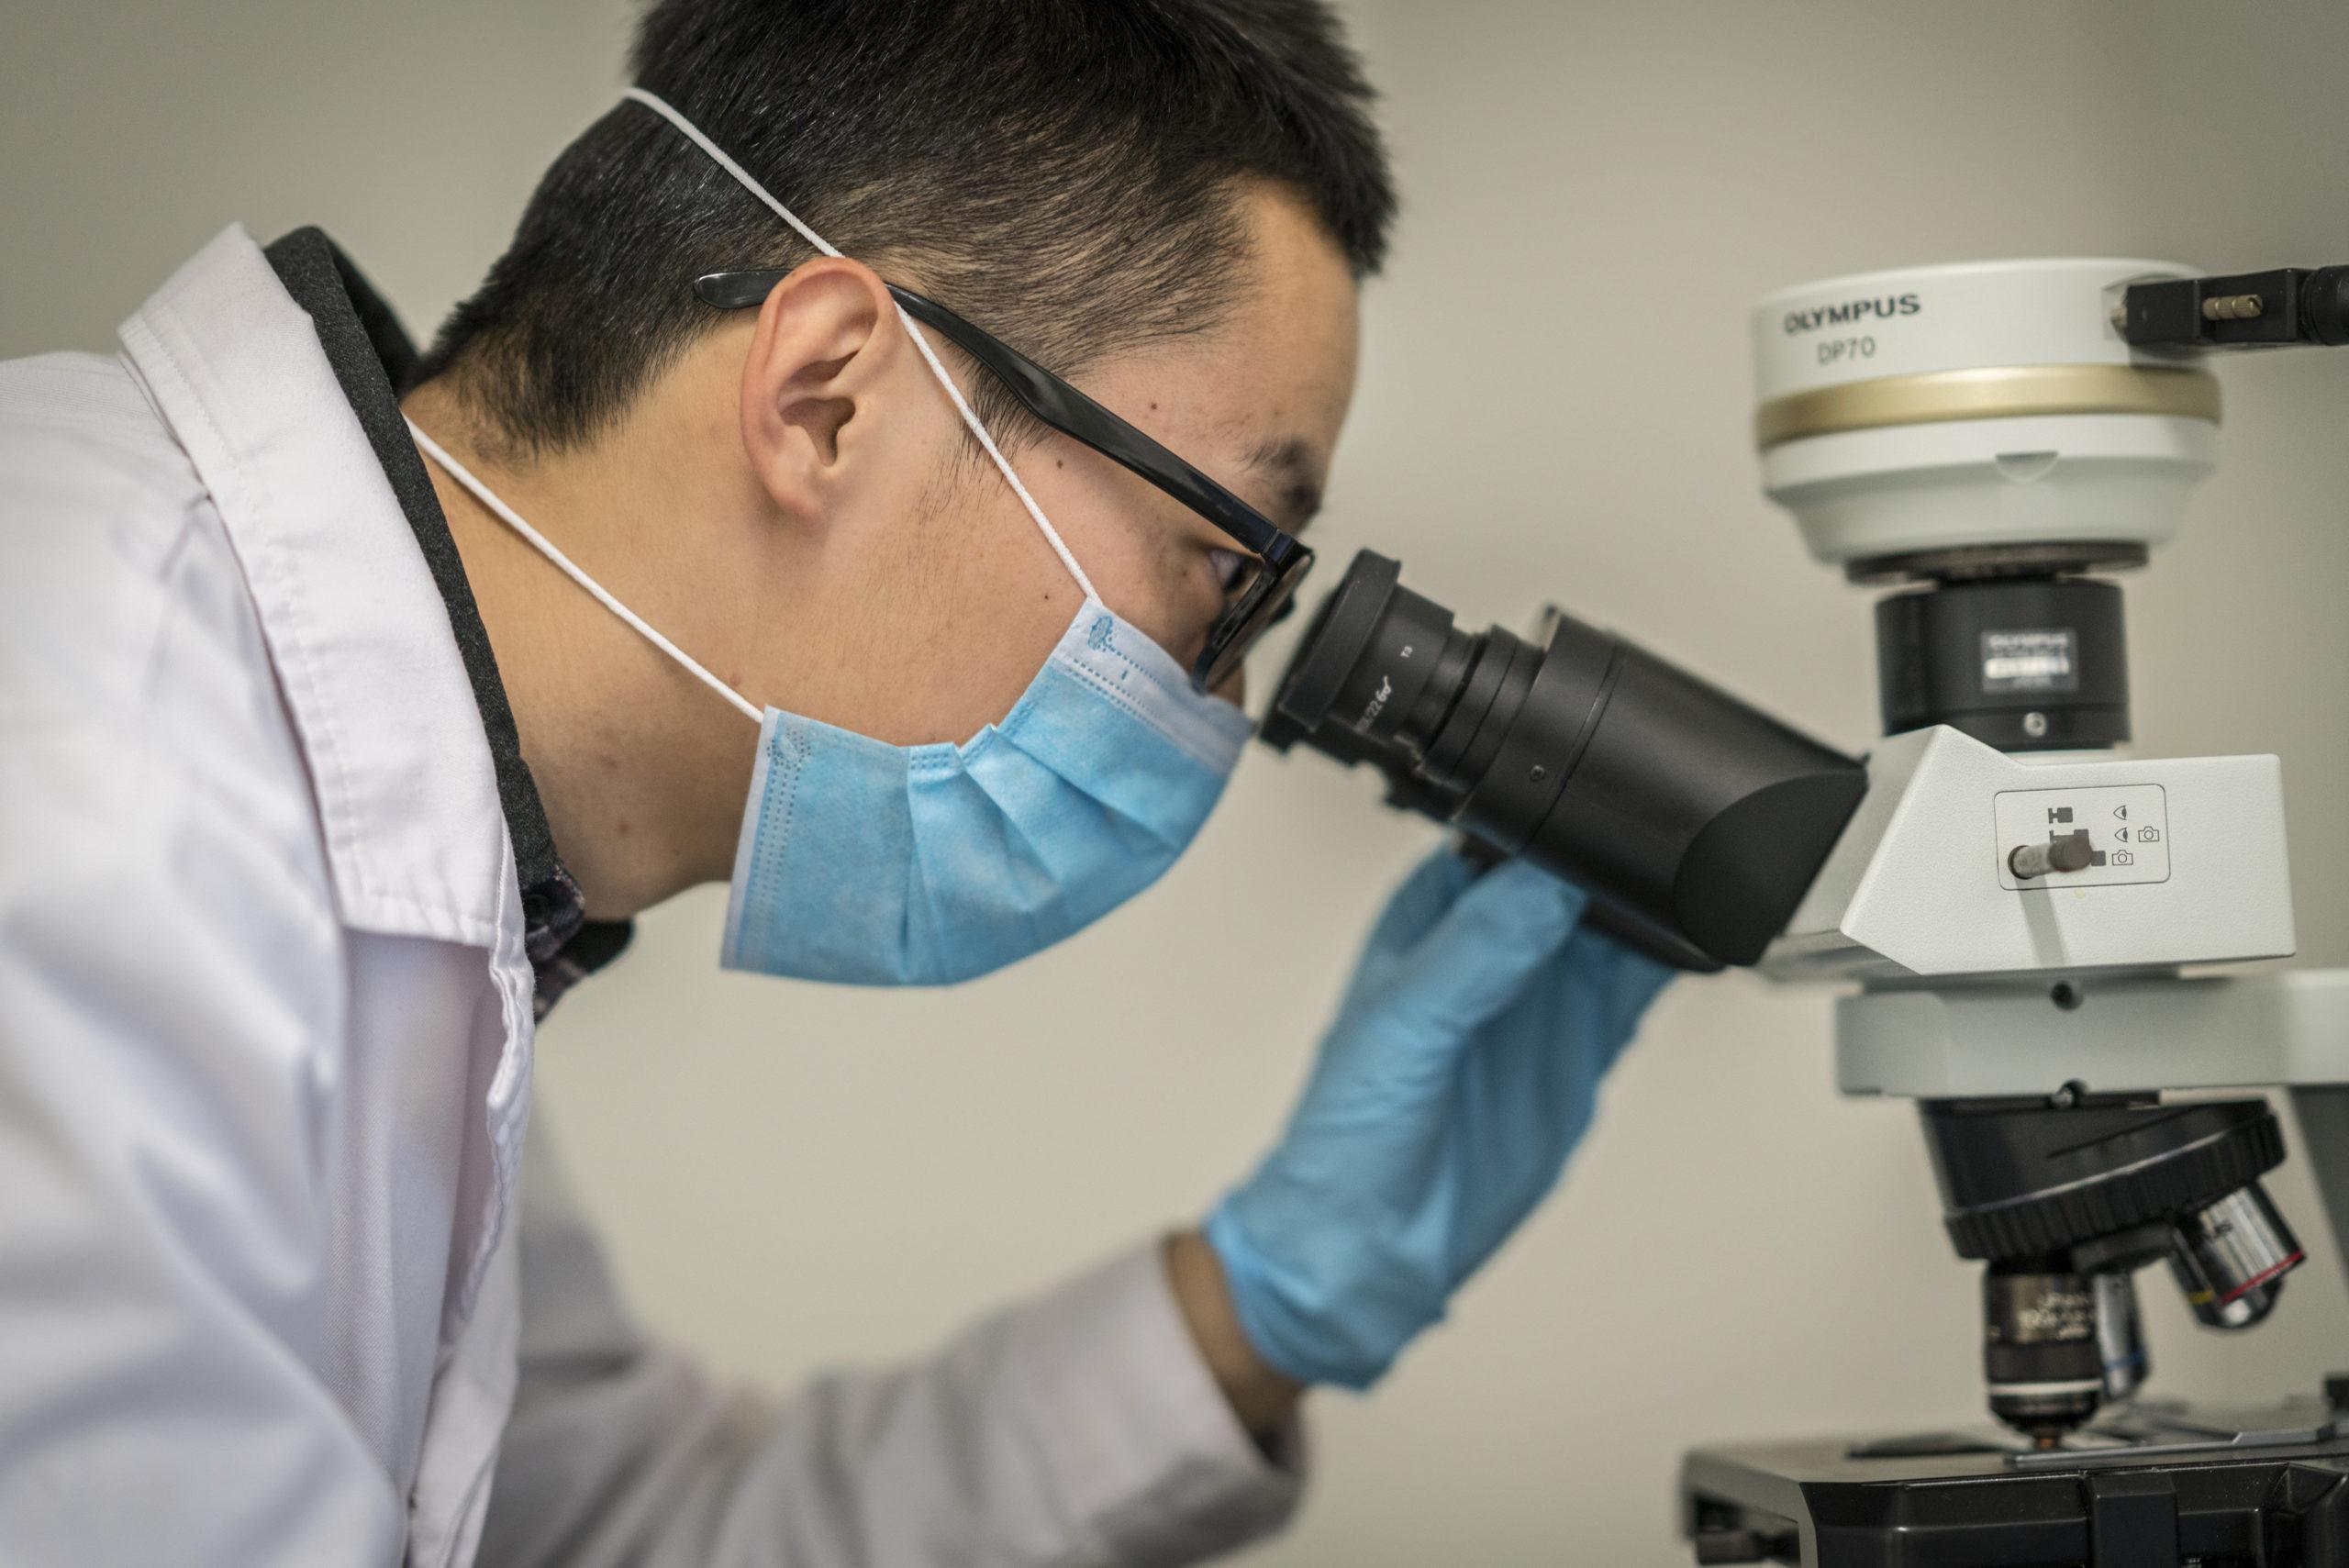 Estudios recientes revelan  que es vital mantener los diagnósticos tempranos de cáncer durante la pandemia